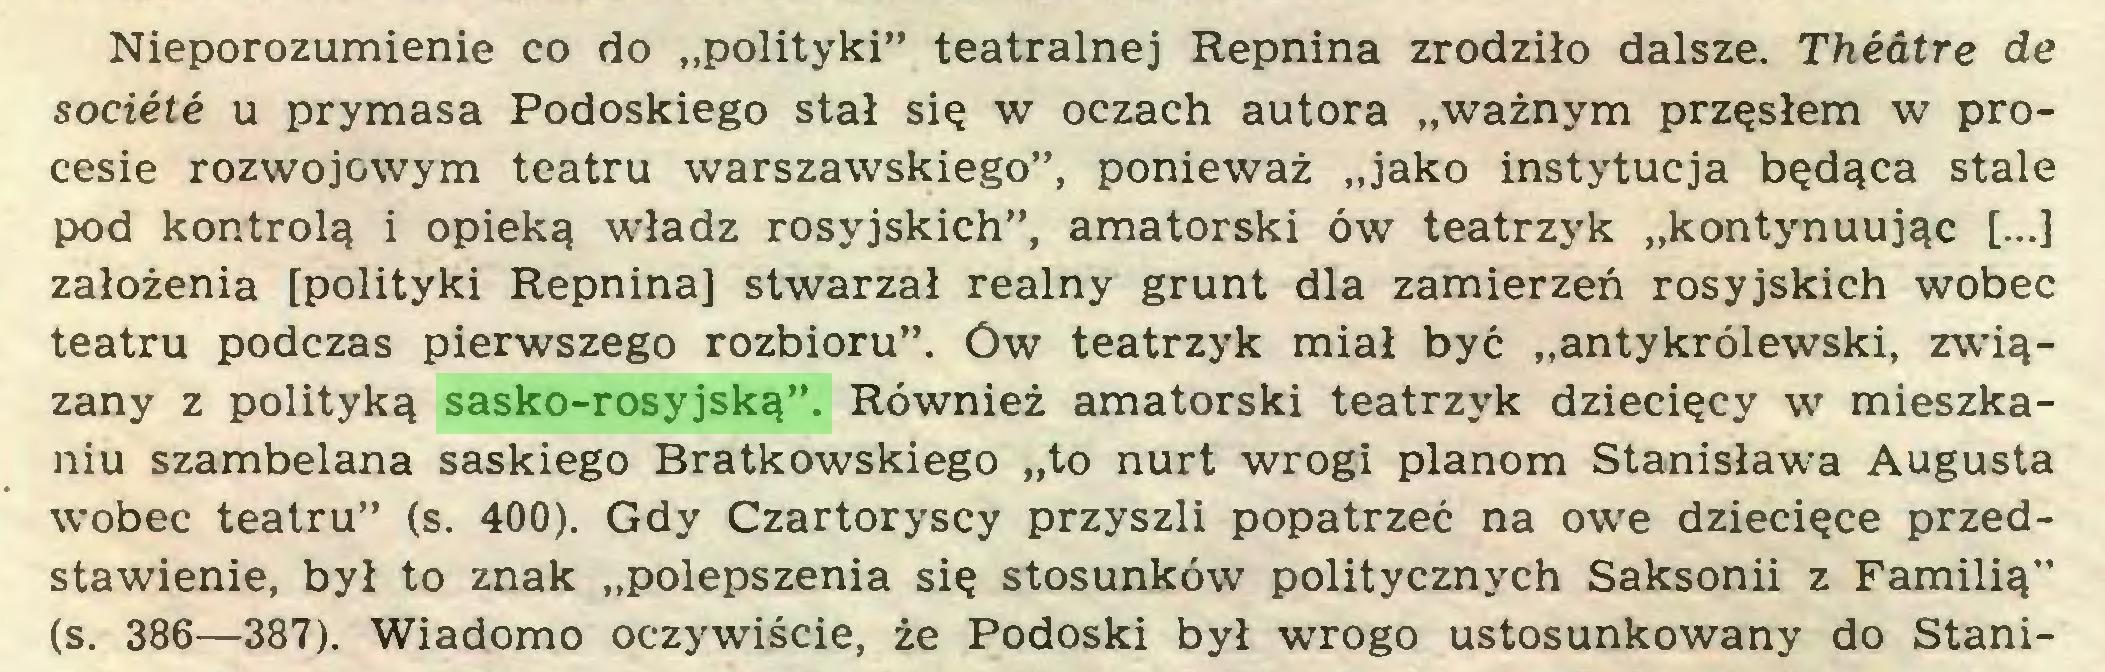 """(...) Nieporozumienie co do """"polityki"""" teatralnej Repnina zrodziło dalsze. Theatre de sociótó u prymasa Podoskiego stał się w oczach autora """"ważnym przęsłem w procesie rozwojowym teatru warszawskiego"""", ponieważ """"jako instytucja będąca stale pod kontrolą i opieką władz rosyjskich"""", amatorski ów teatrzyk """"kontynuując [...] założenia [polityki Repnina] stwarzał realny grunt dla zamierzeń rosyjskich wobec teatru podczas pierwszego rozbioru"""". Ów teatrzyk miał być """"antykrólewski, związany z polityką sasko-rosyjską"""". Również amatorski teatrzyk dziecięcy w mieszkaniu szambelana saskiego Bratkowskiego """"to nurt wrogi planom Stanisława Augusta wobec teatru"""" (s. 400). Gdy Czartoryscy przyszli popatrzeć na owe dziecięce przedstawienie, był to znak """"polepszenia się stosunków politycznych Saksonii z Familią"""" (s. 386—387). Wiadomo oczywiście, że Podoski był wrogo ustosunkowany do Stani..."""